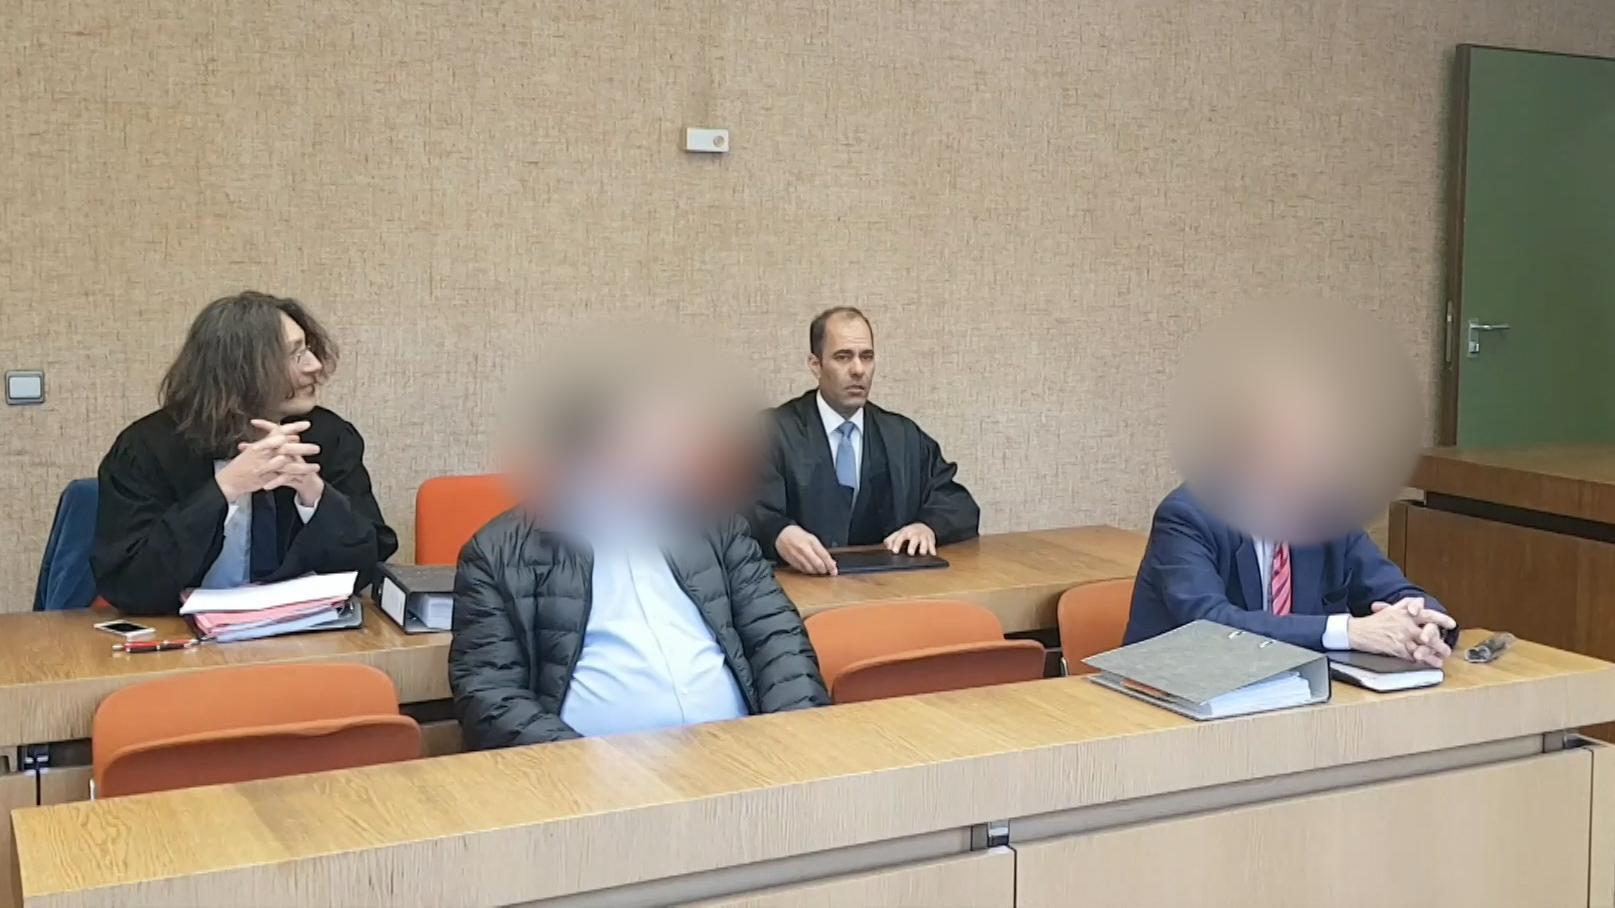 Angeklagte im Gerichtssaal mit Anwälten